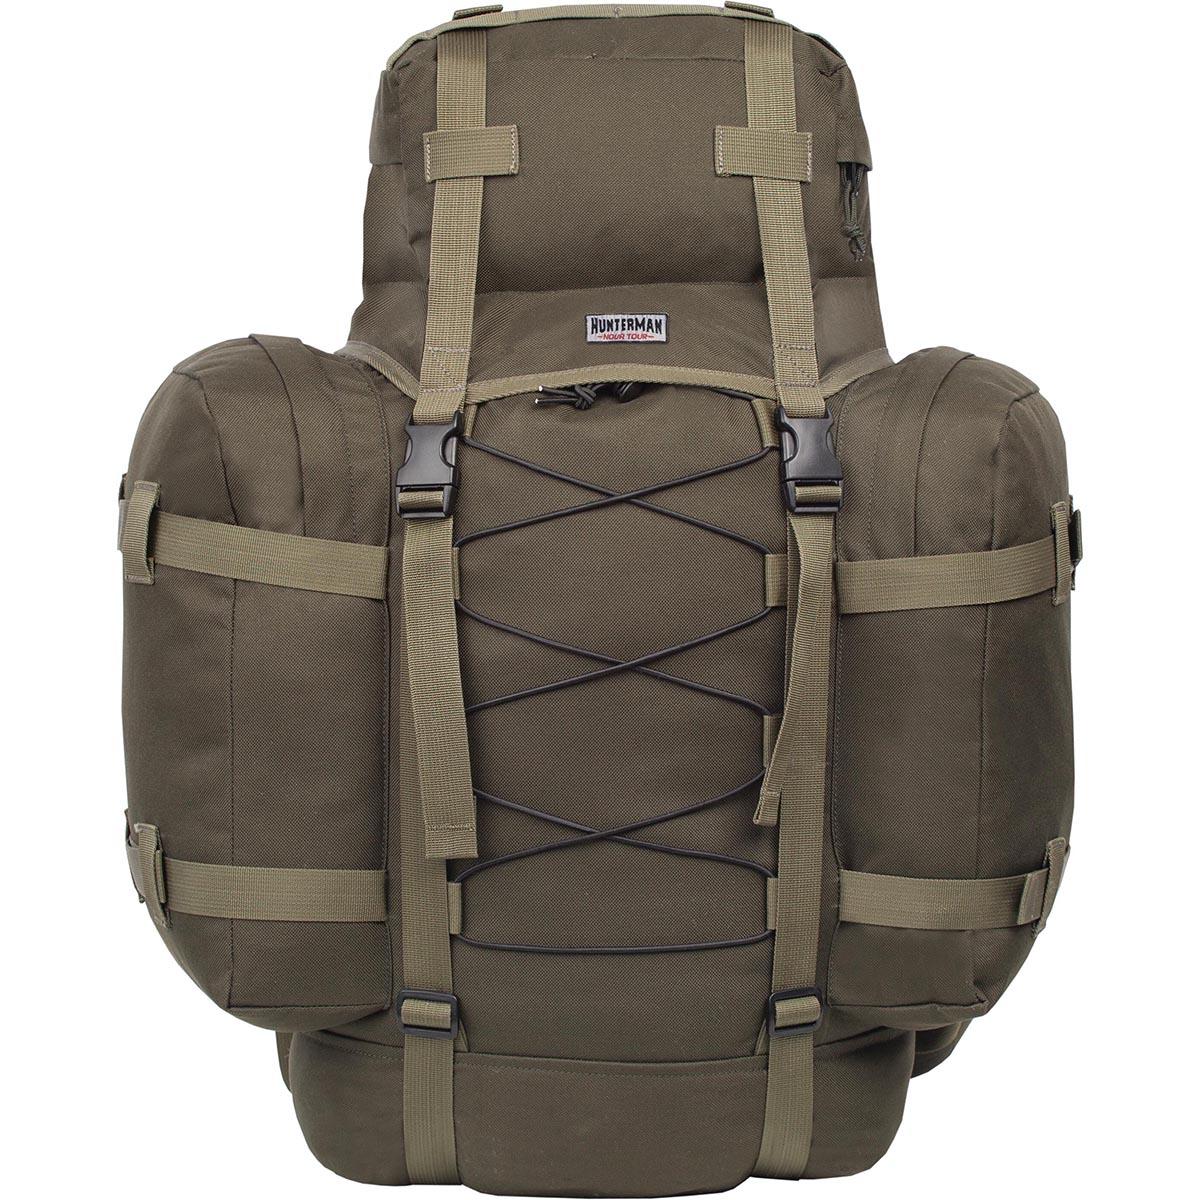 Рюкзак для охоты Nova Tour Контур 50 V3, цвет: зеленый, 50 л95815-502-00Легкий, компактный рюкзак для охоты и рыбалки. Находка для любителей активного отдыха на природе! Стильный, вместительный, удобный в эксплуатации! Надежный помощник при переноске необходимого снаряжения для рыбной ловли и охоты. Вертикальная смягчающая вставка добавляет жесткости спинке рюкзака, в плавающем клапане карман для мелочей, съемная поясная стропа.